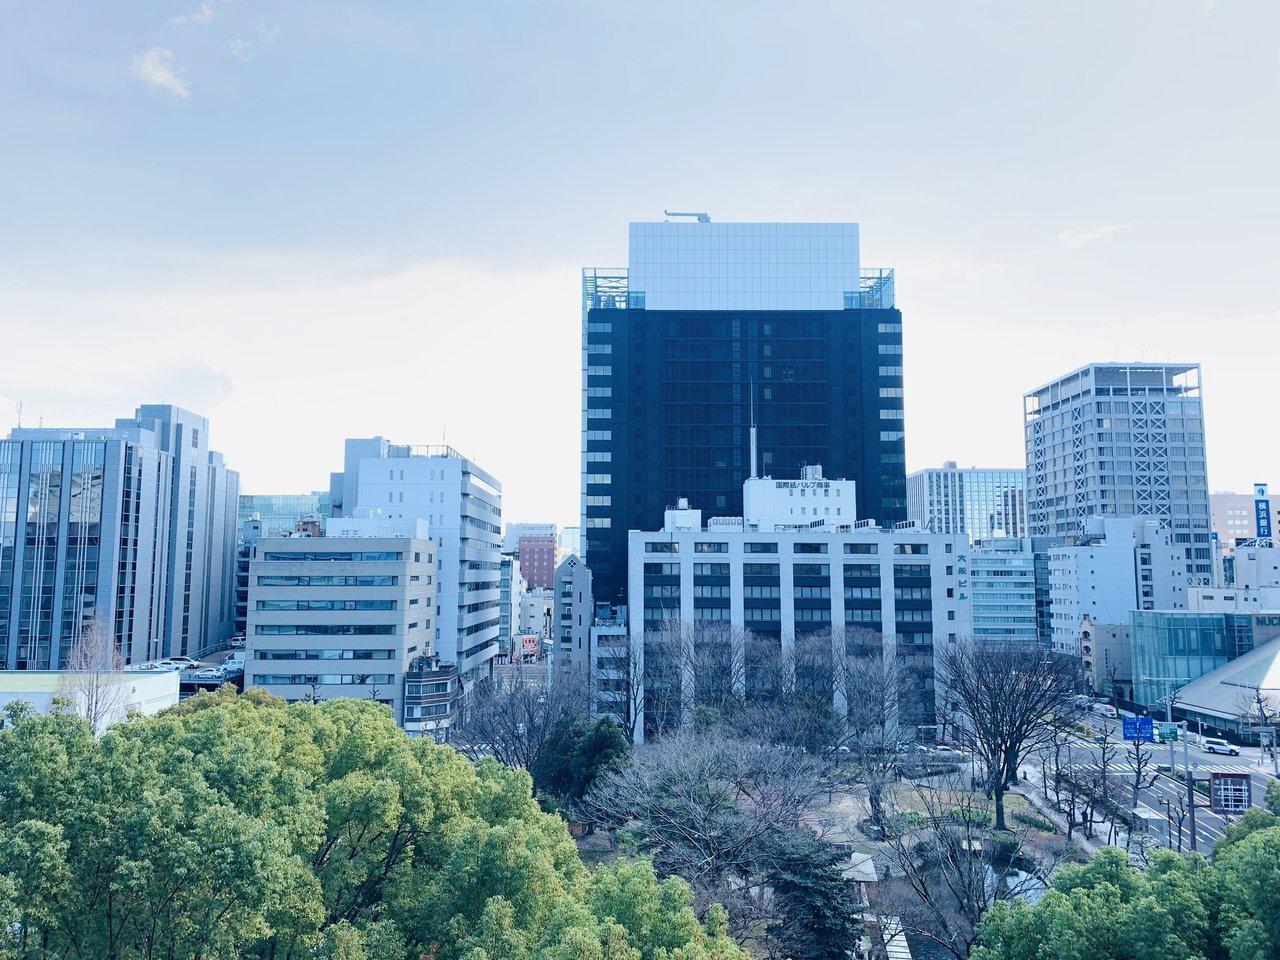 10階にある1SLDKのお部屋からは、手前に公園、奥にはオフィス街が見えます。見事な眺望が広がっていますね。